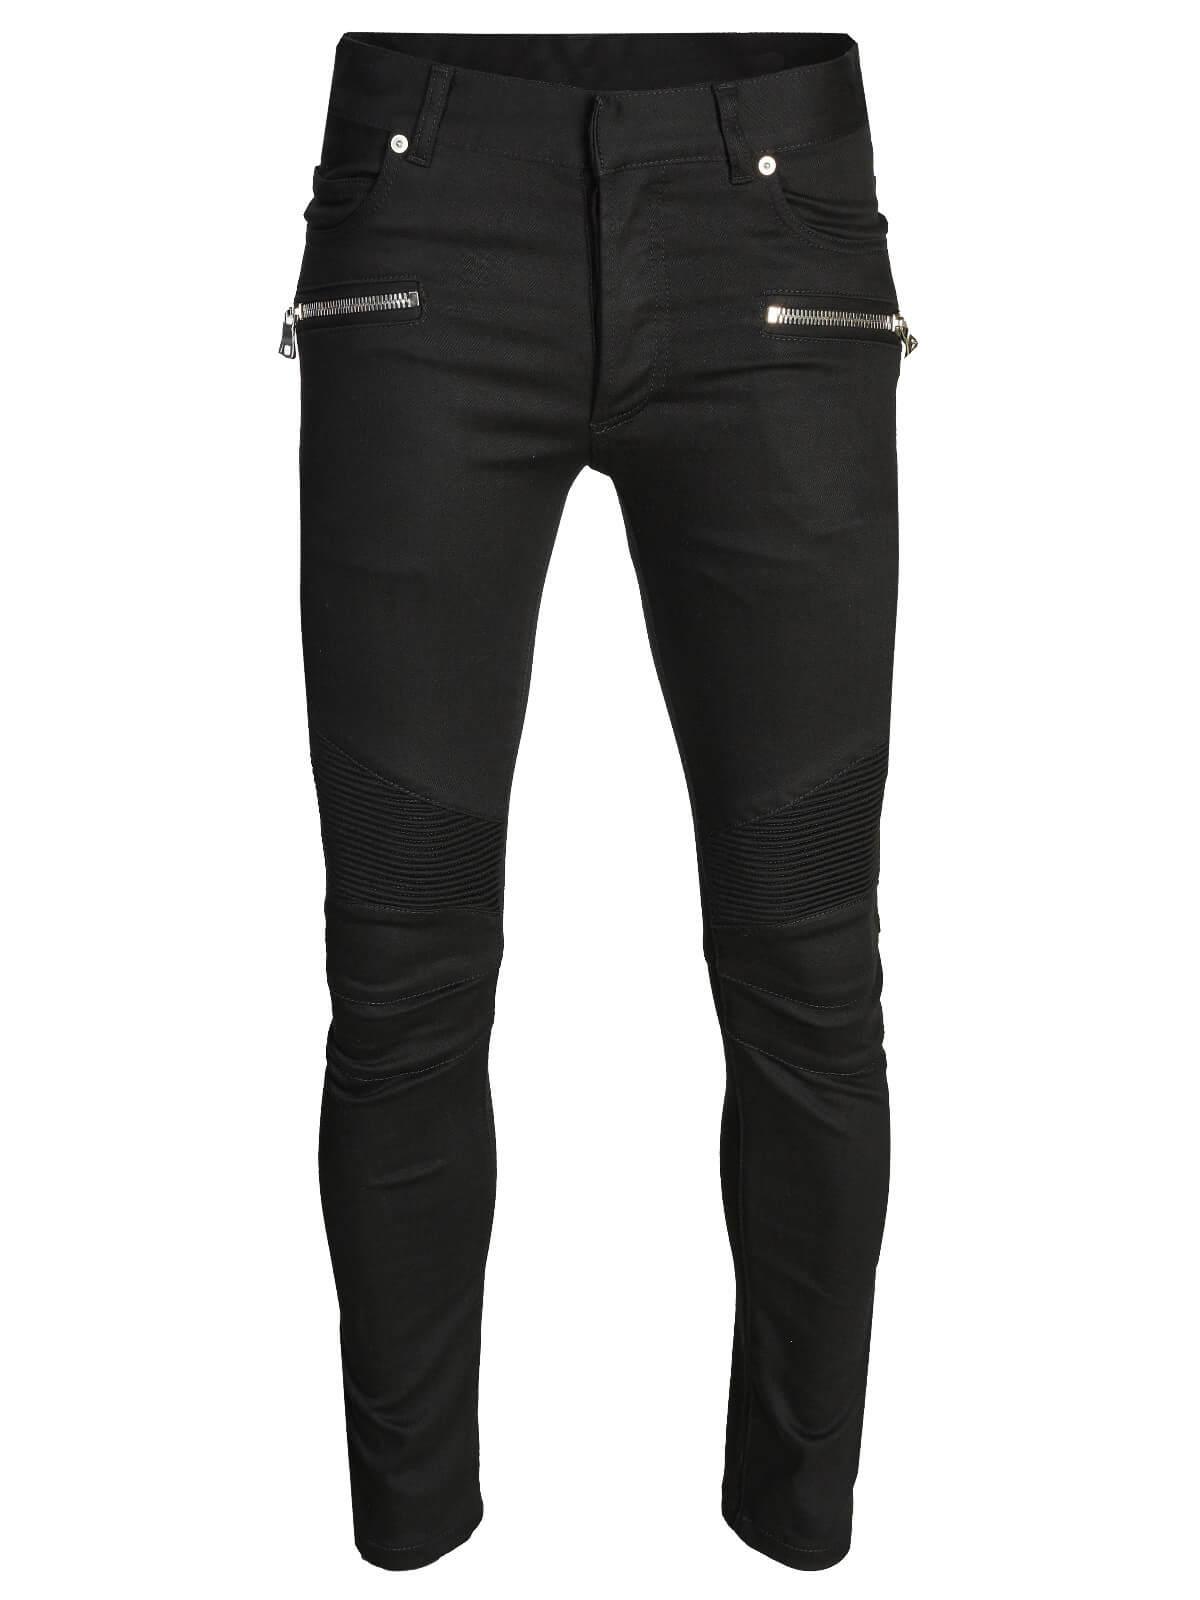 Balmain Jeans Black by Balmain